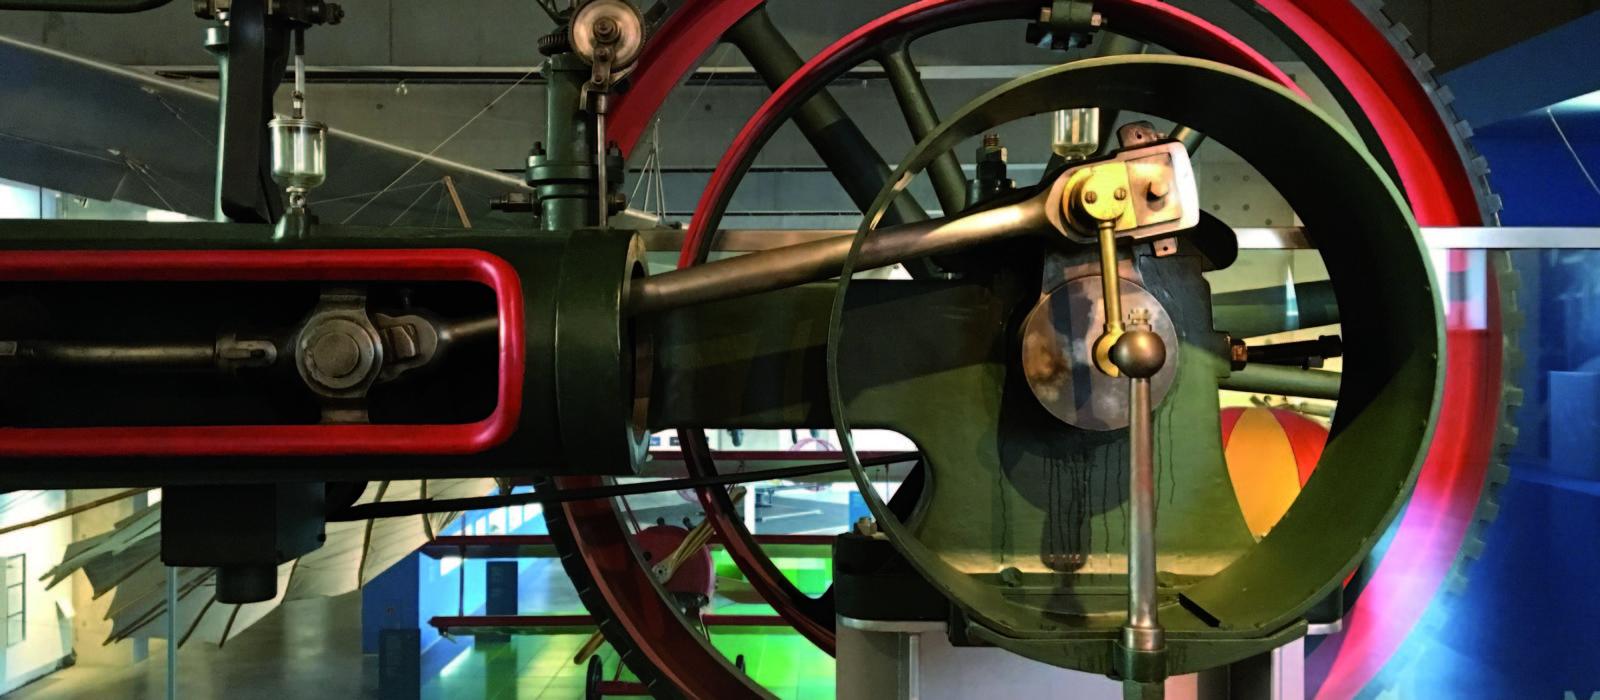 Dampfmaschine im phanTECHNIKUM - Technisches Landesmuseum Mecklenburg-Vorpommern in Wismar